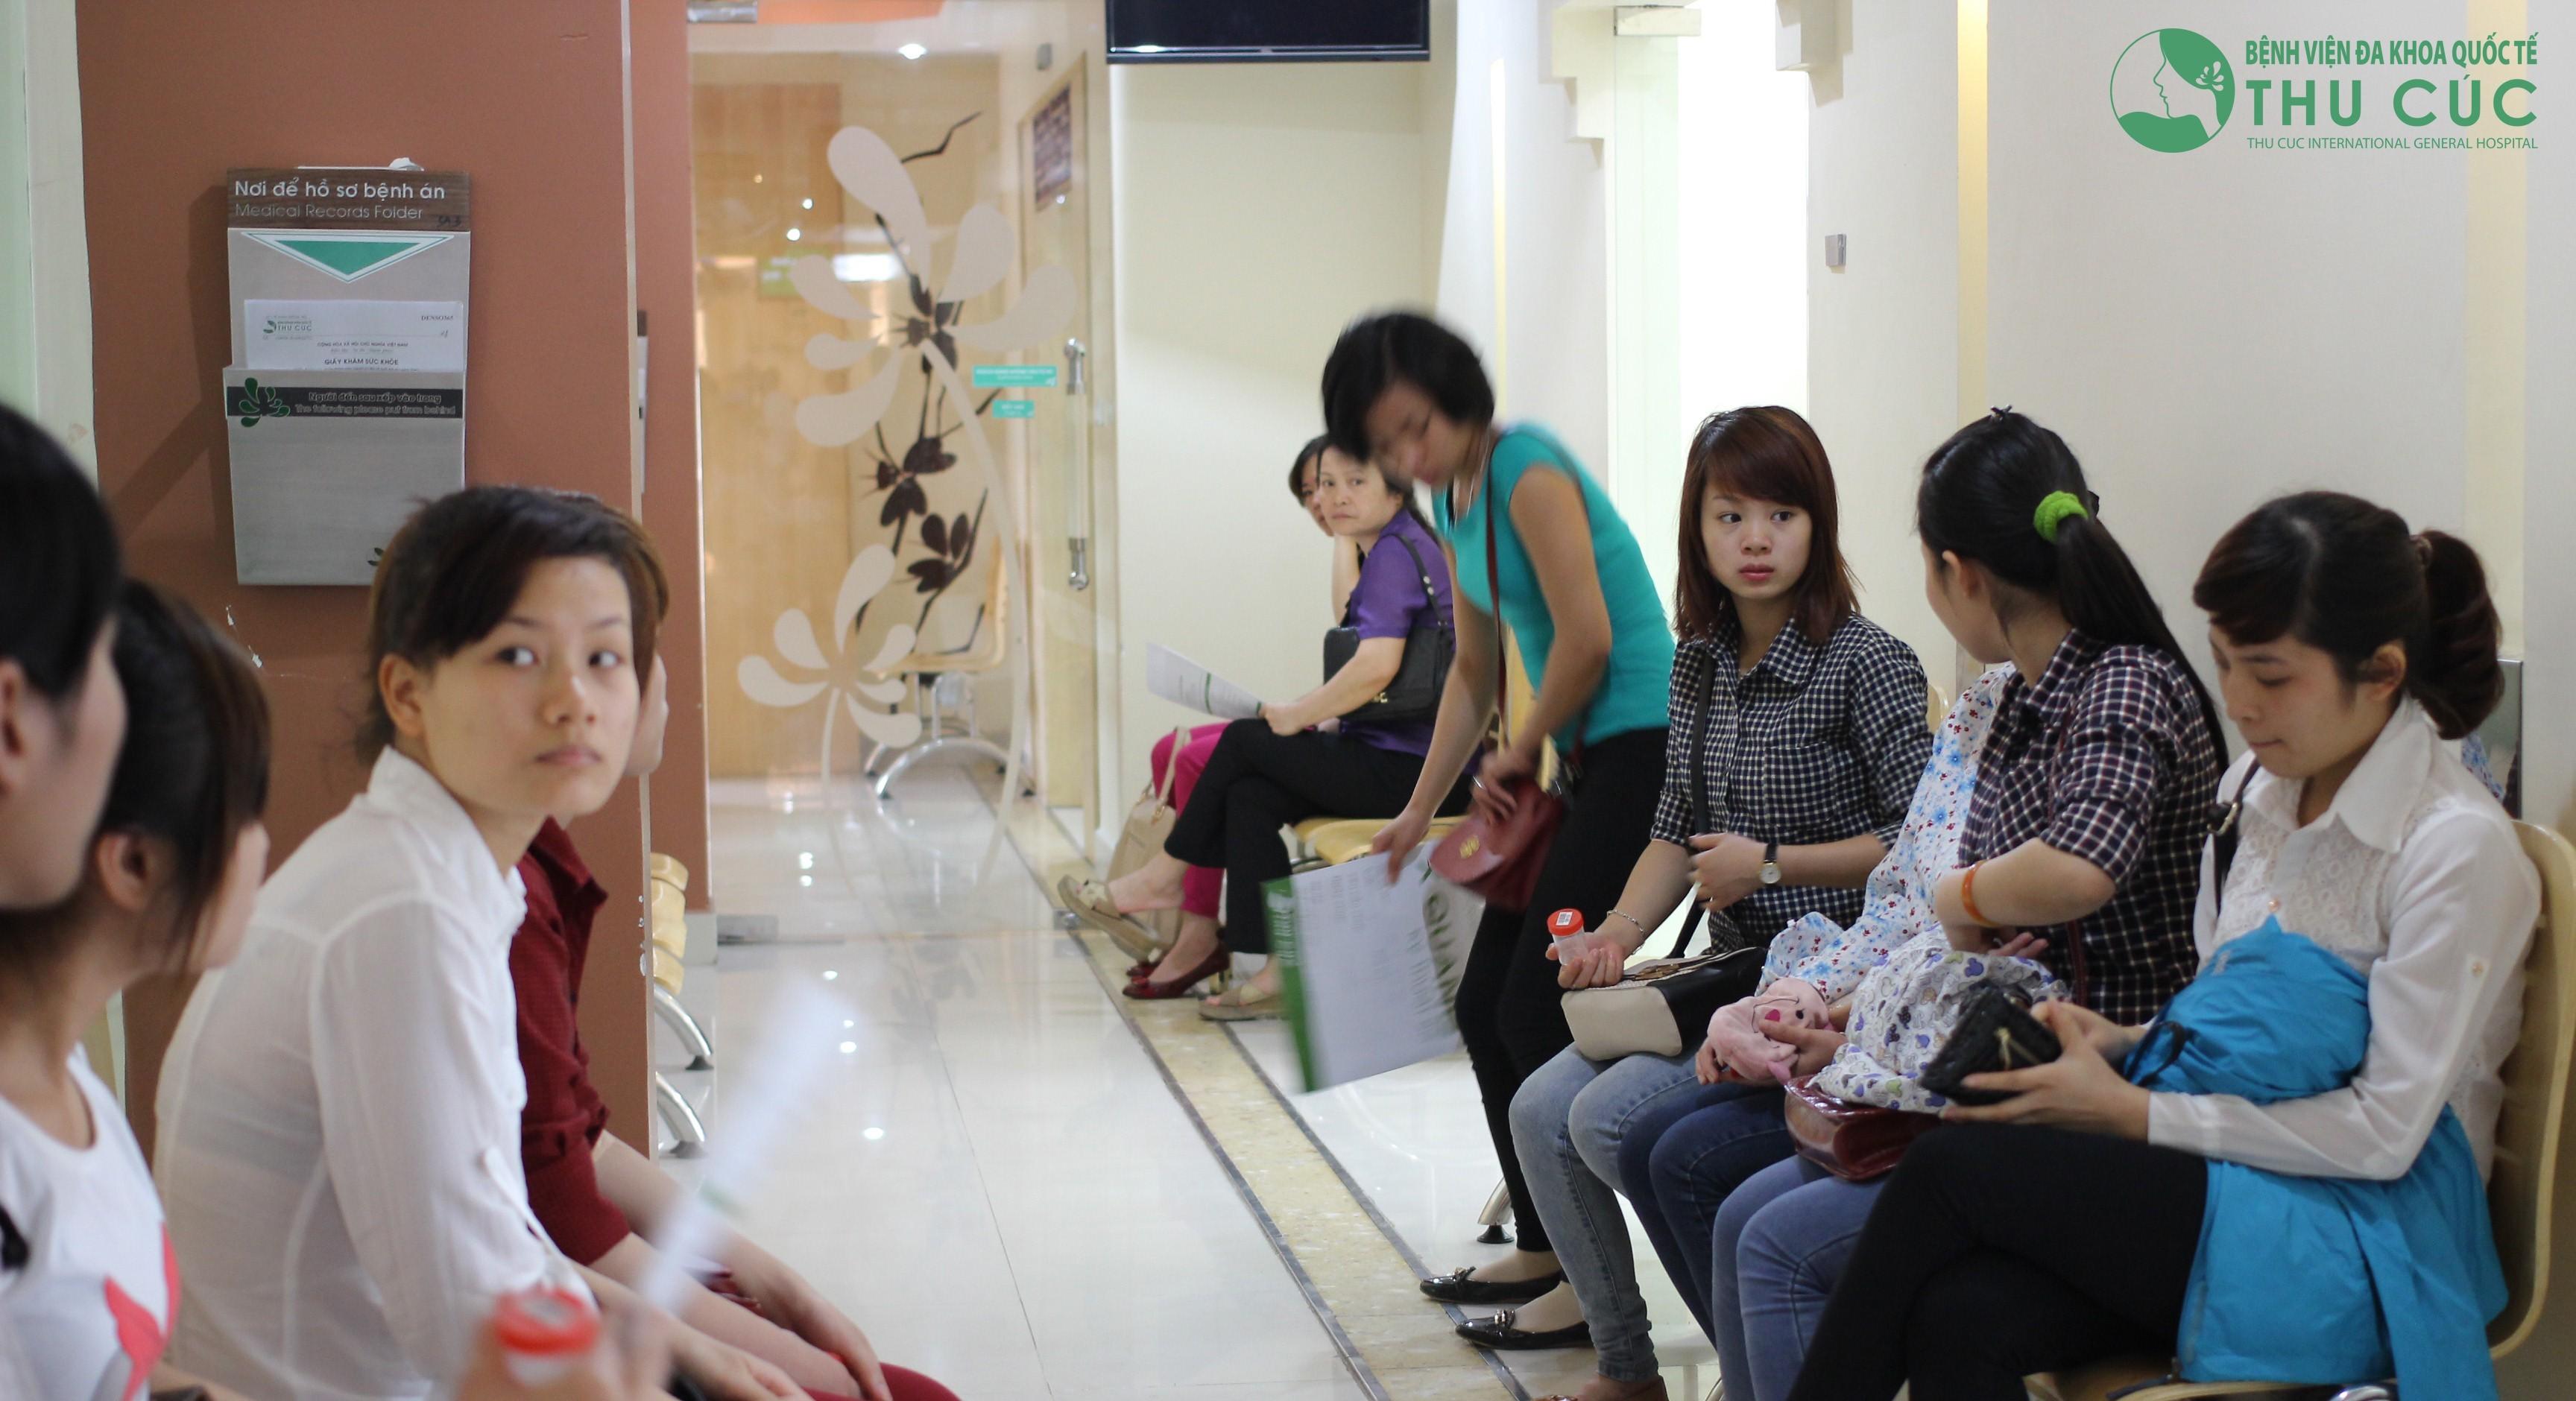 Thẻ xanh của BH Bảo Việt Tại Bệnh viện Thu Cúc